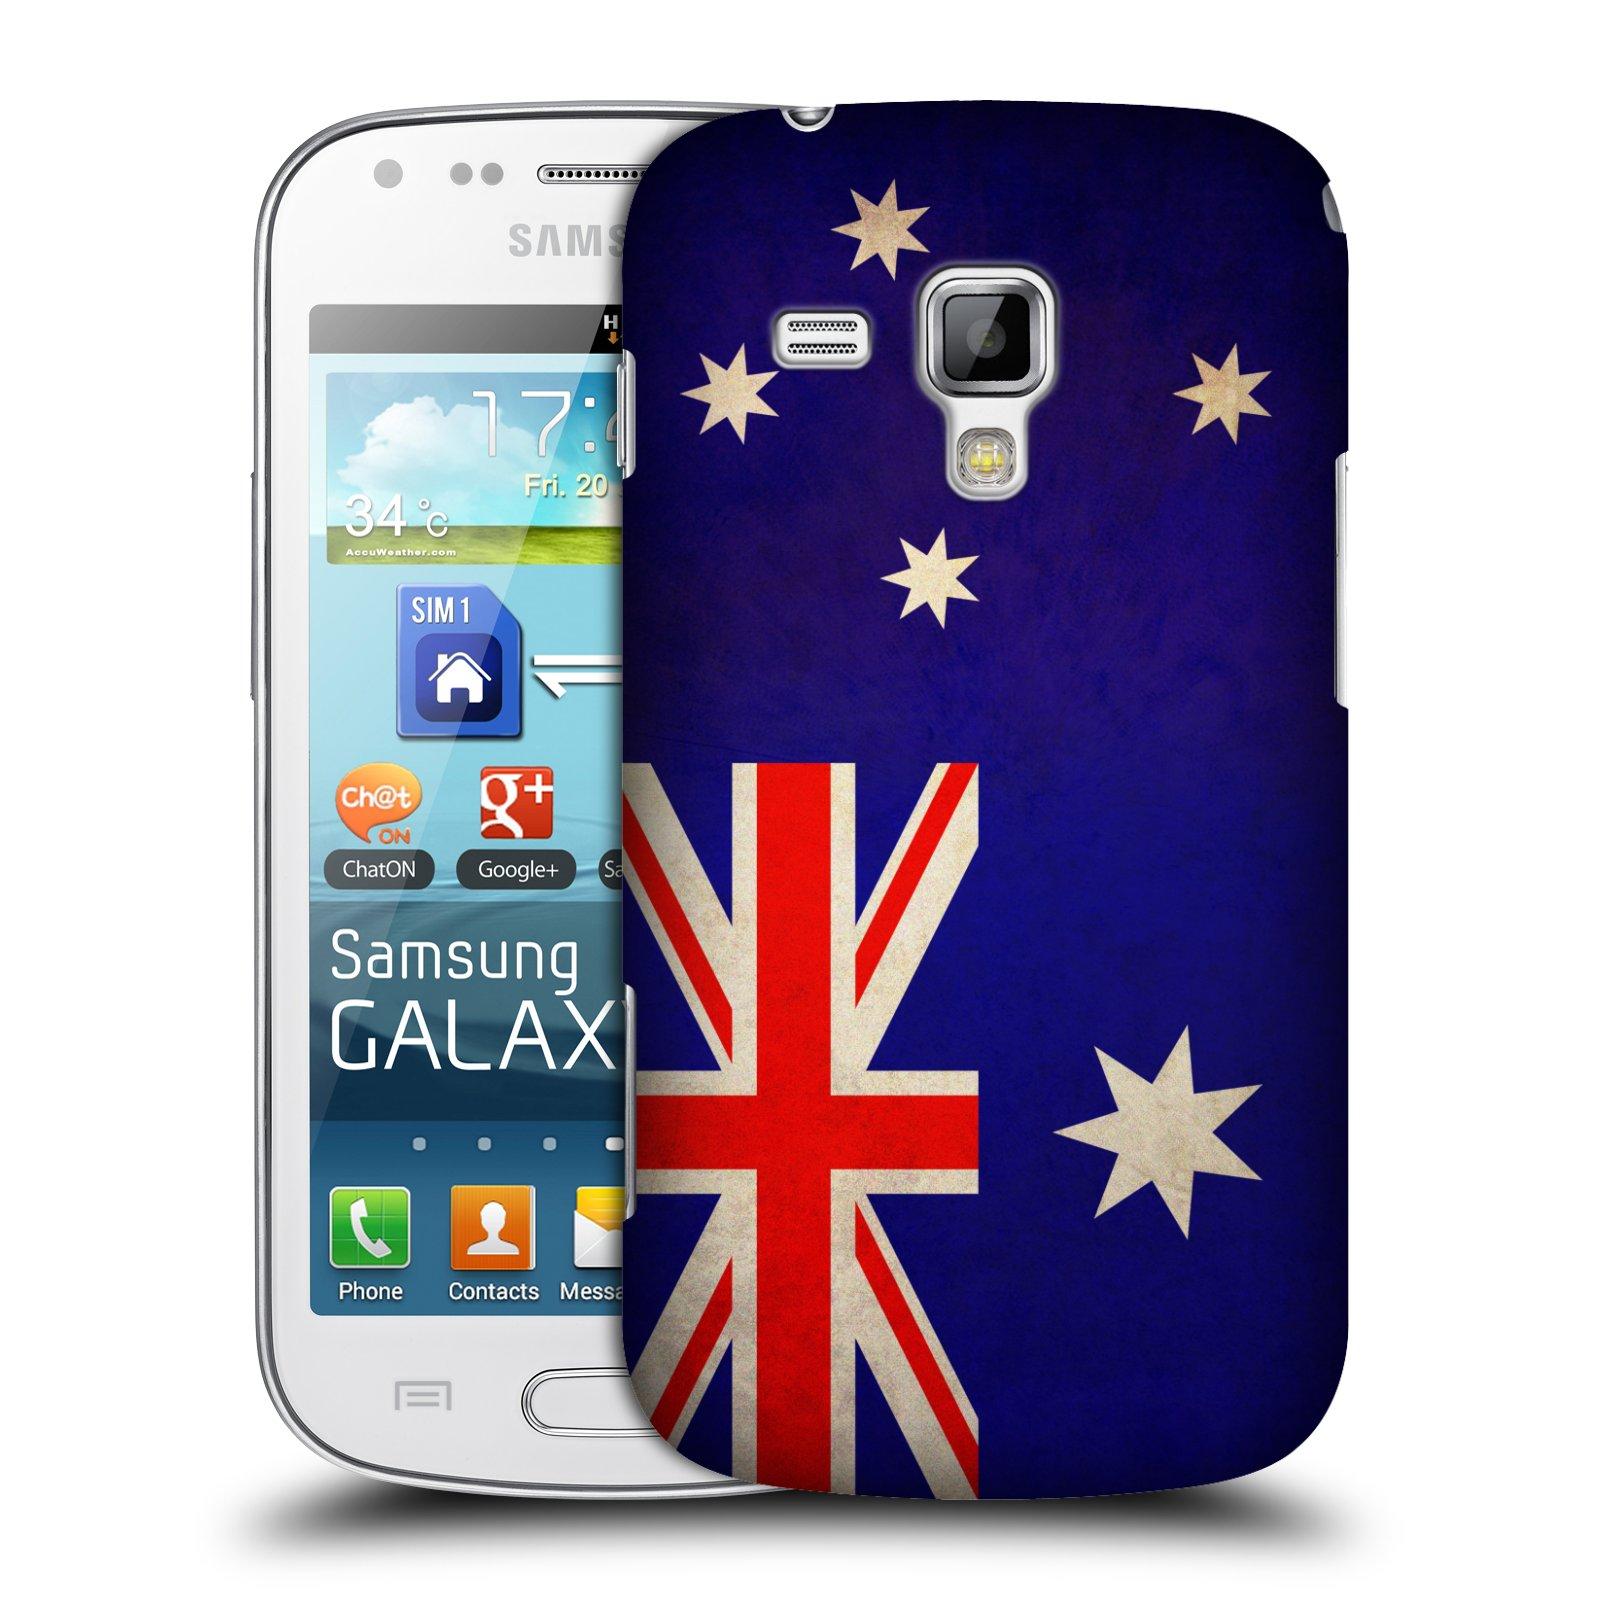 Plastové pouzdro na mobil Samsung Galaxy S Duos HEAD CASE VLAJKA AUSTRÁLIE (Kryt či obal na mobilní telefon Samsung Galaxy S Duos GT-S7562)